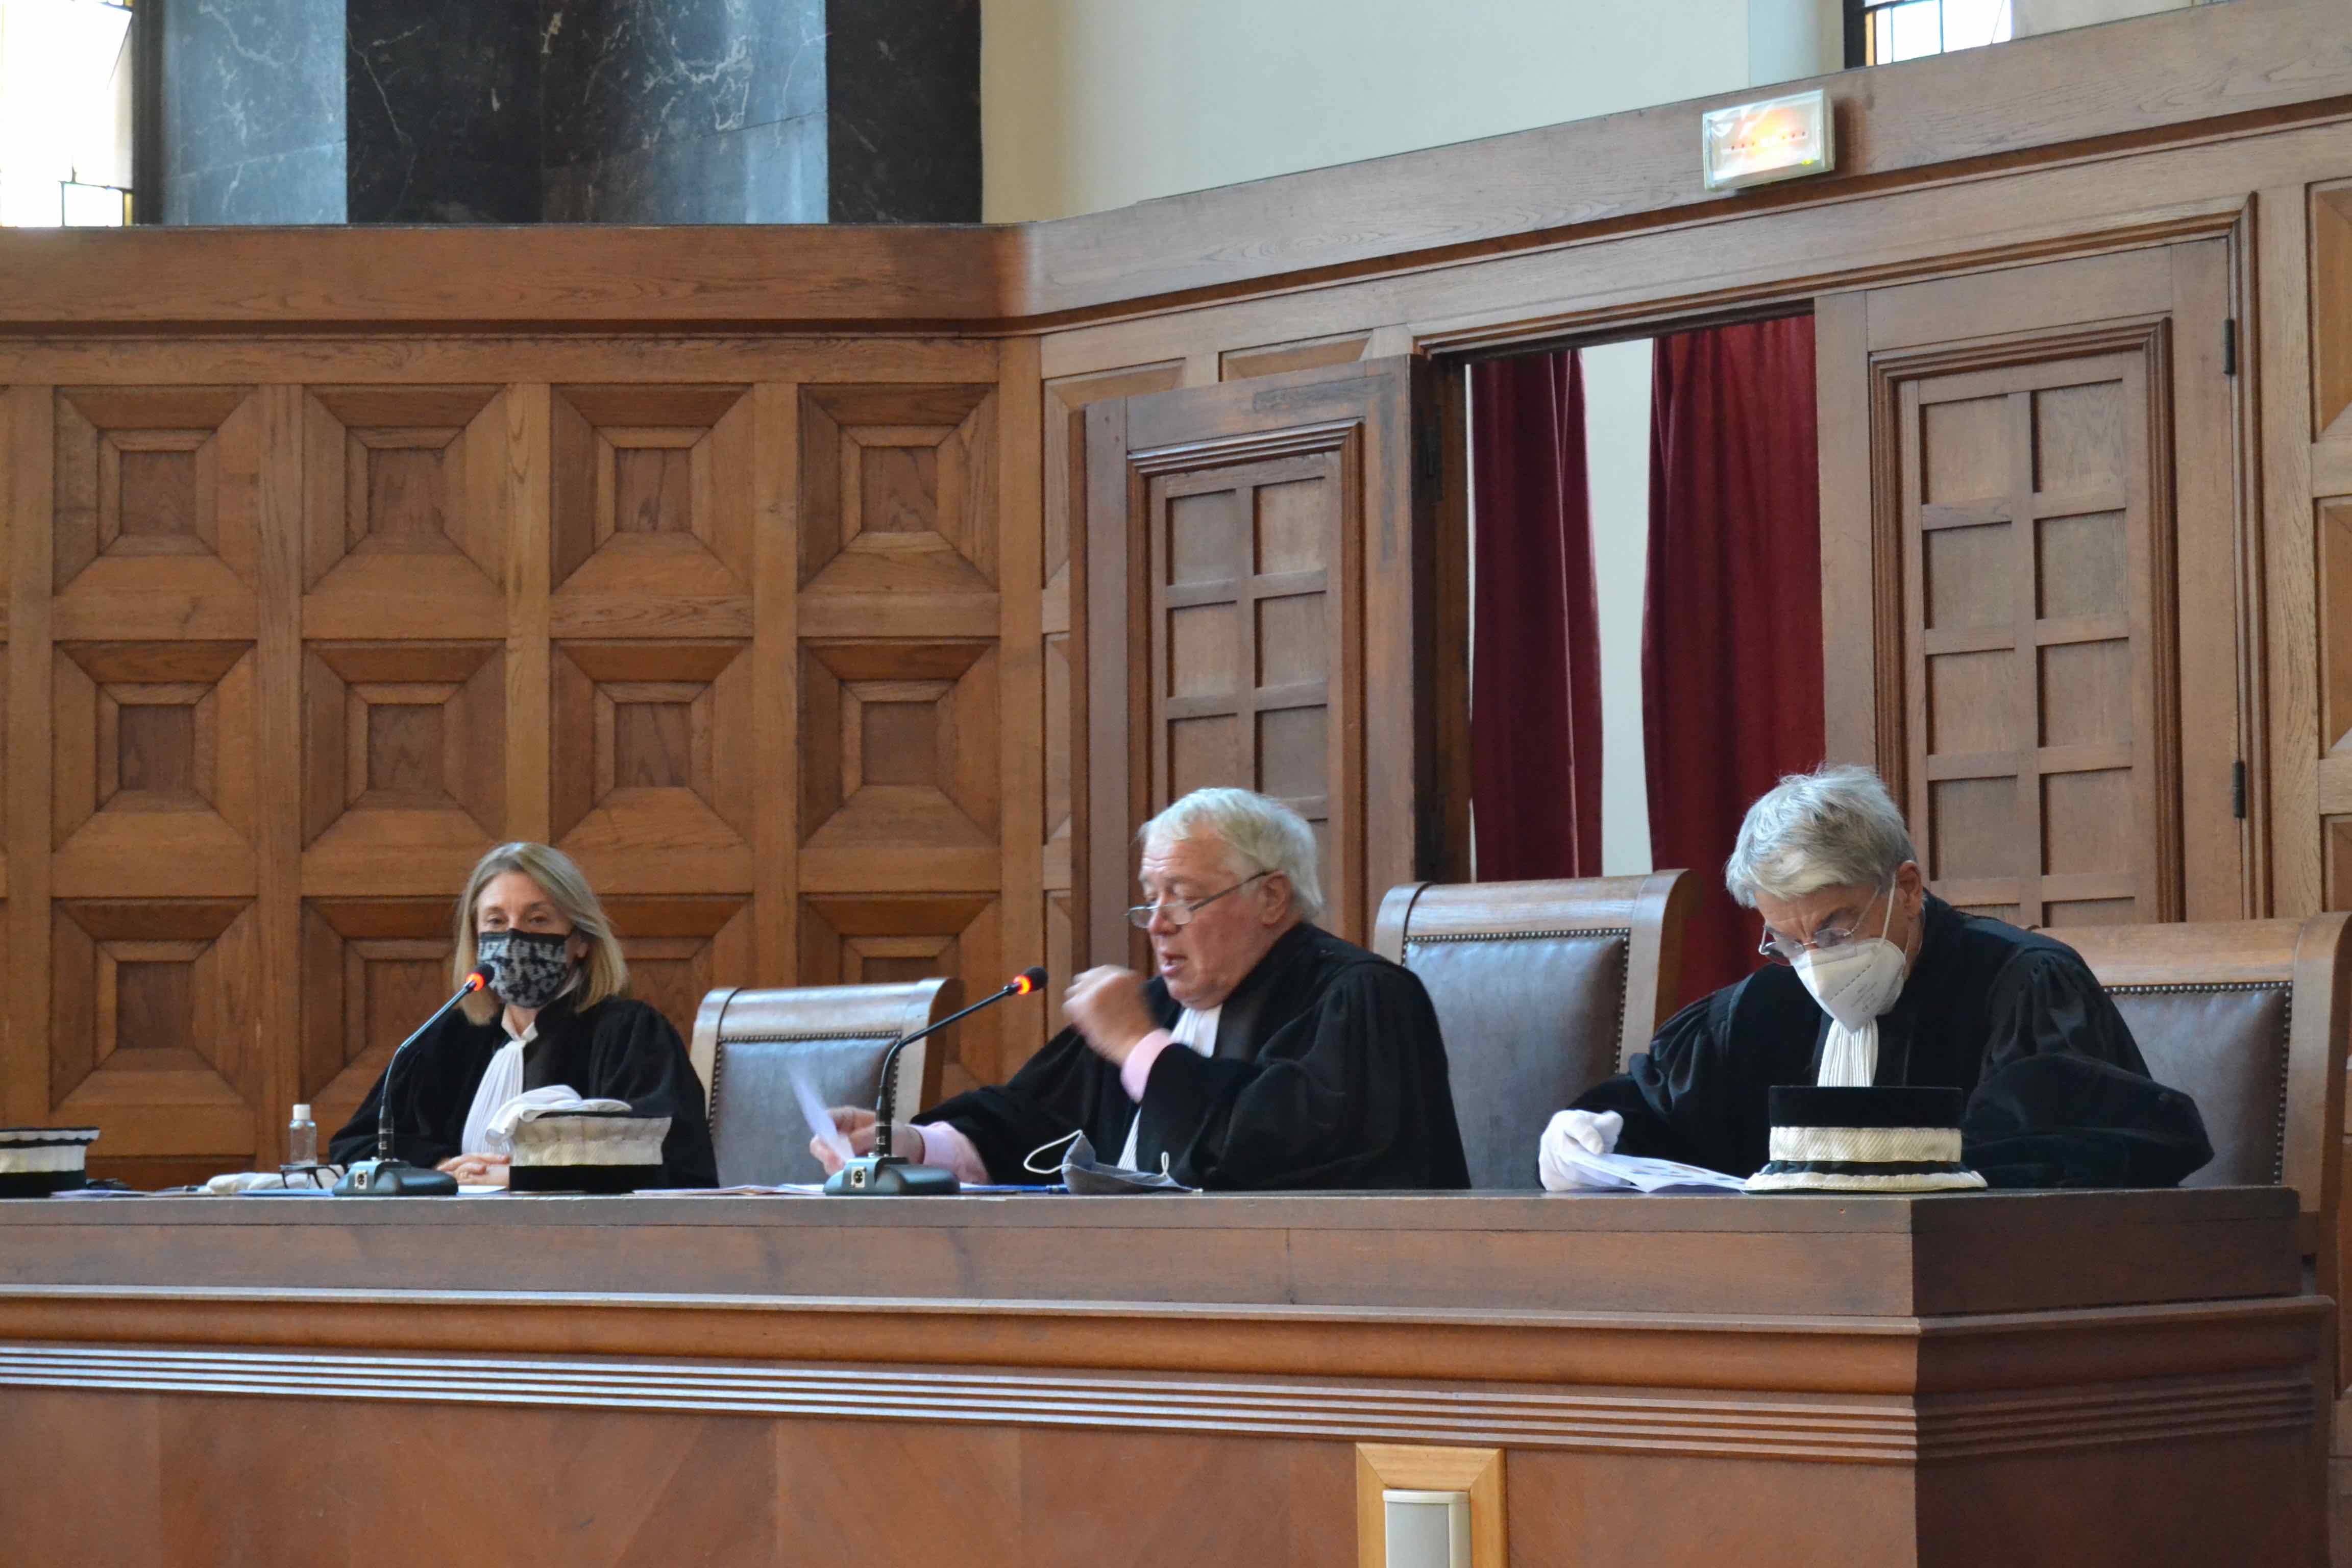 Véritable baromètre de l'activité des juges consulaires, la rentrée solennelle du tribunal de commerce de Marseille s'est tenue ce 14 janvier 2021 devant une assistance clairsemée en raison de la crise sanitaire. ©DR